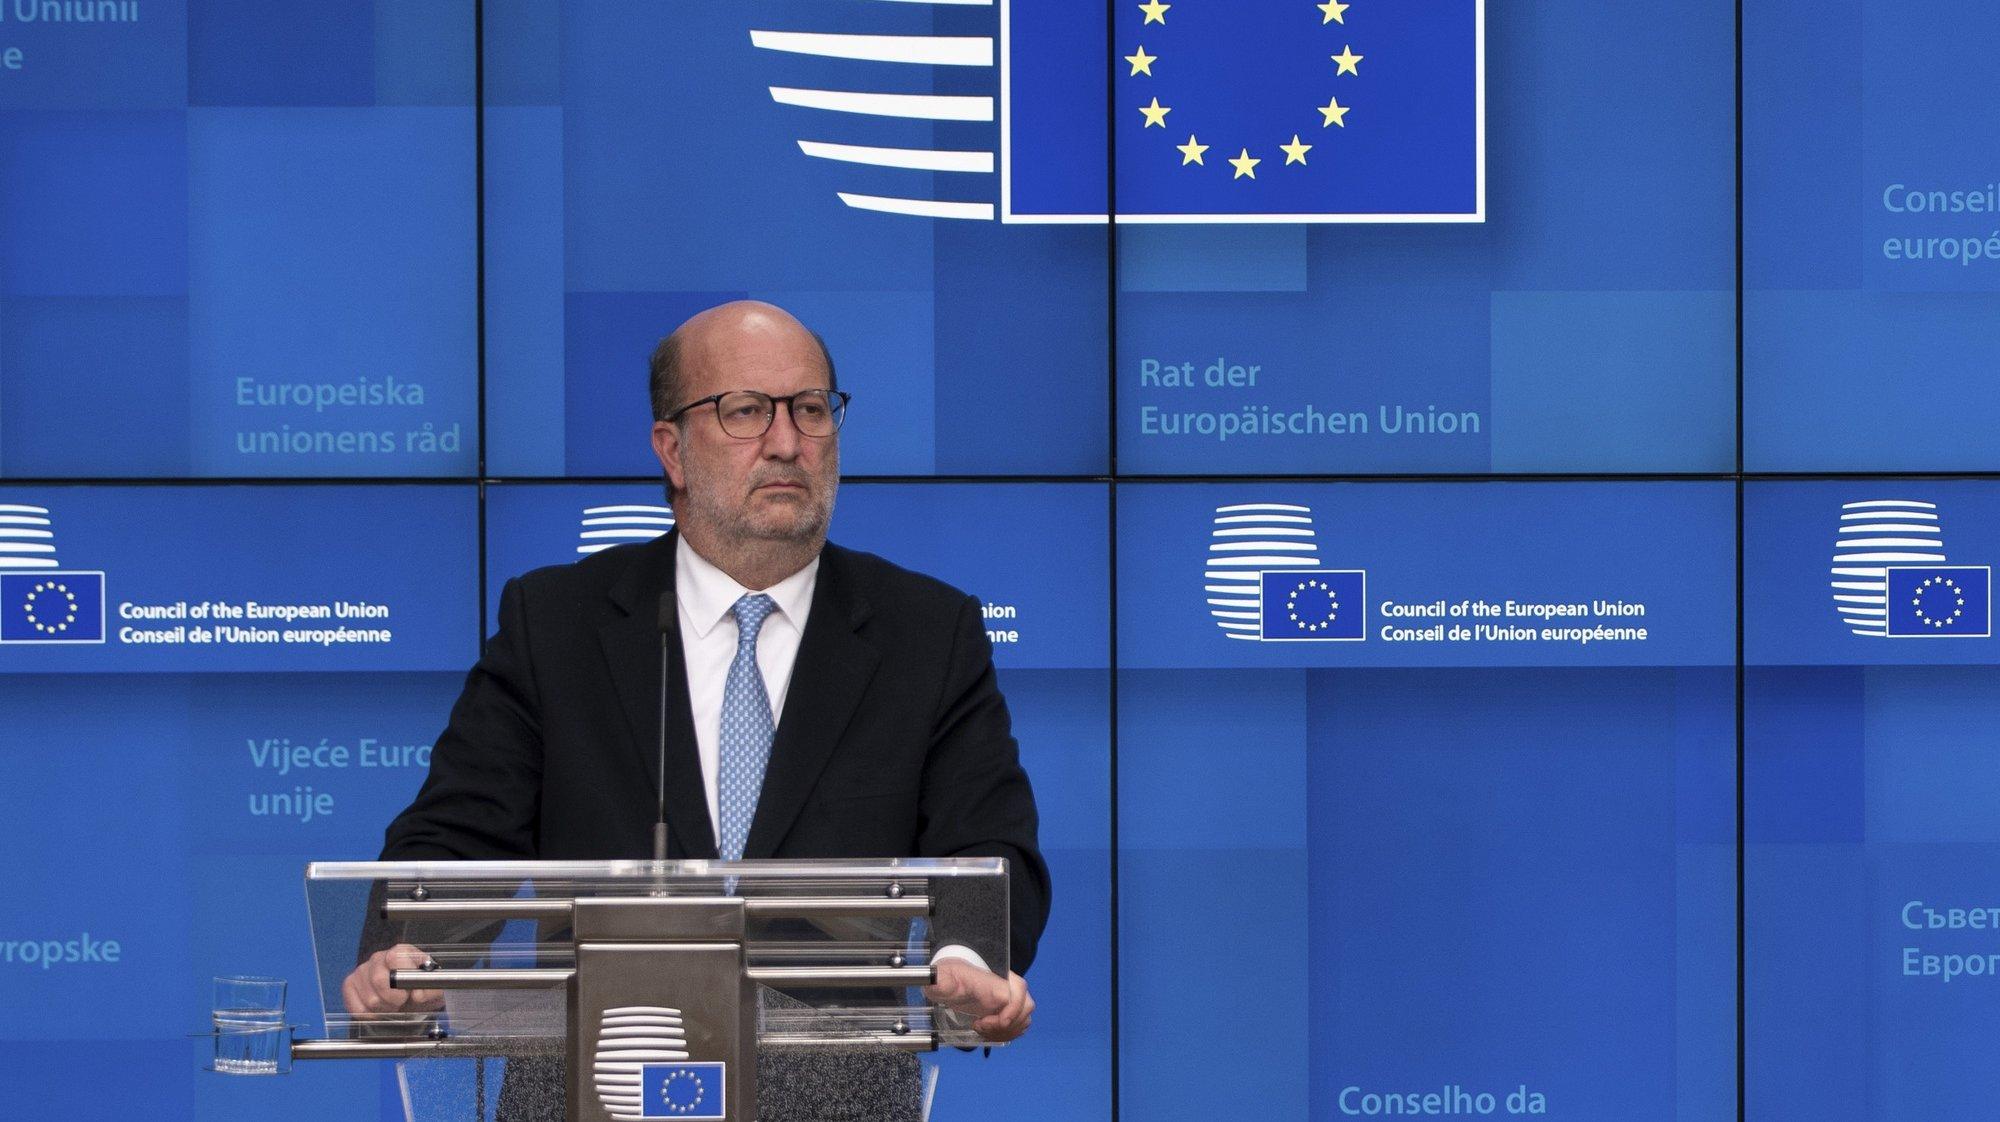 O ministro do Ambiente e da Ação Climática de Portugal, João Pedro Matos Fernandes, intervém durante uma conferência de imprensa após a reunião, por videoconferência, dos ministros dos Estados-membros da UE responsáveis pelo Ambiente, em Bruxelas, Bélgica, 18 de março de 2021. TONY DA SILVA/LUSA